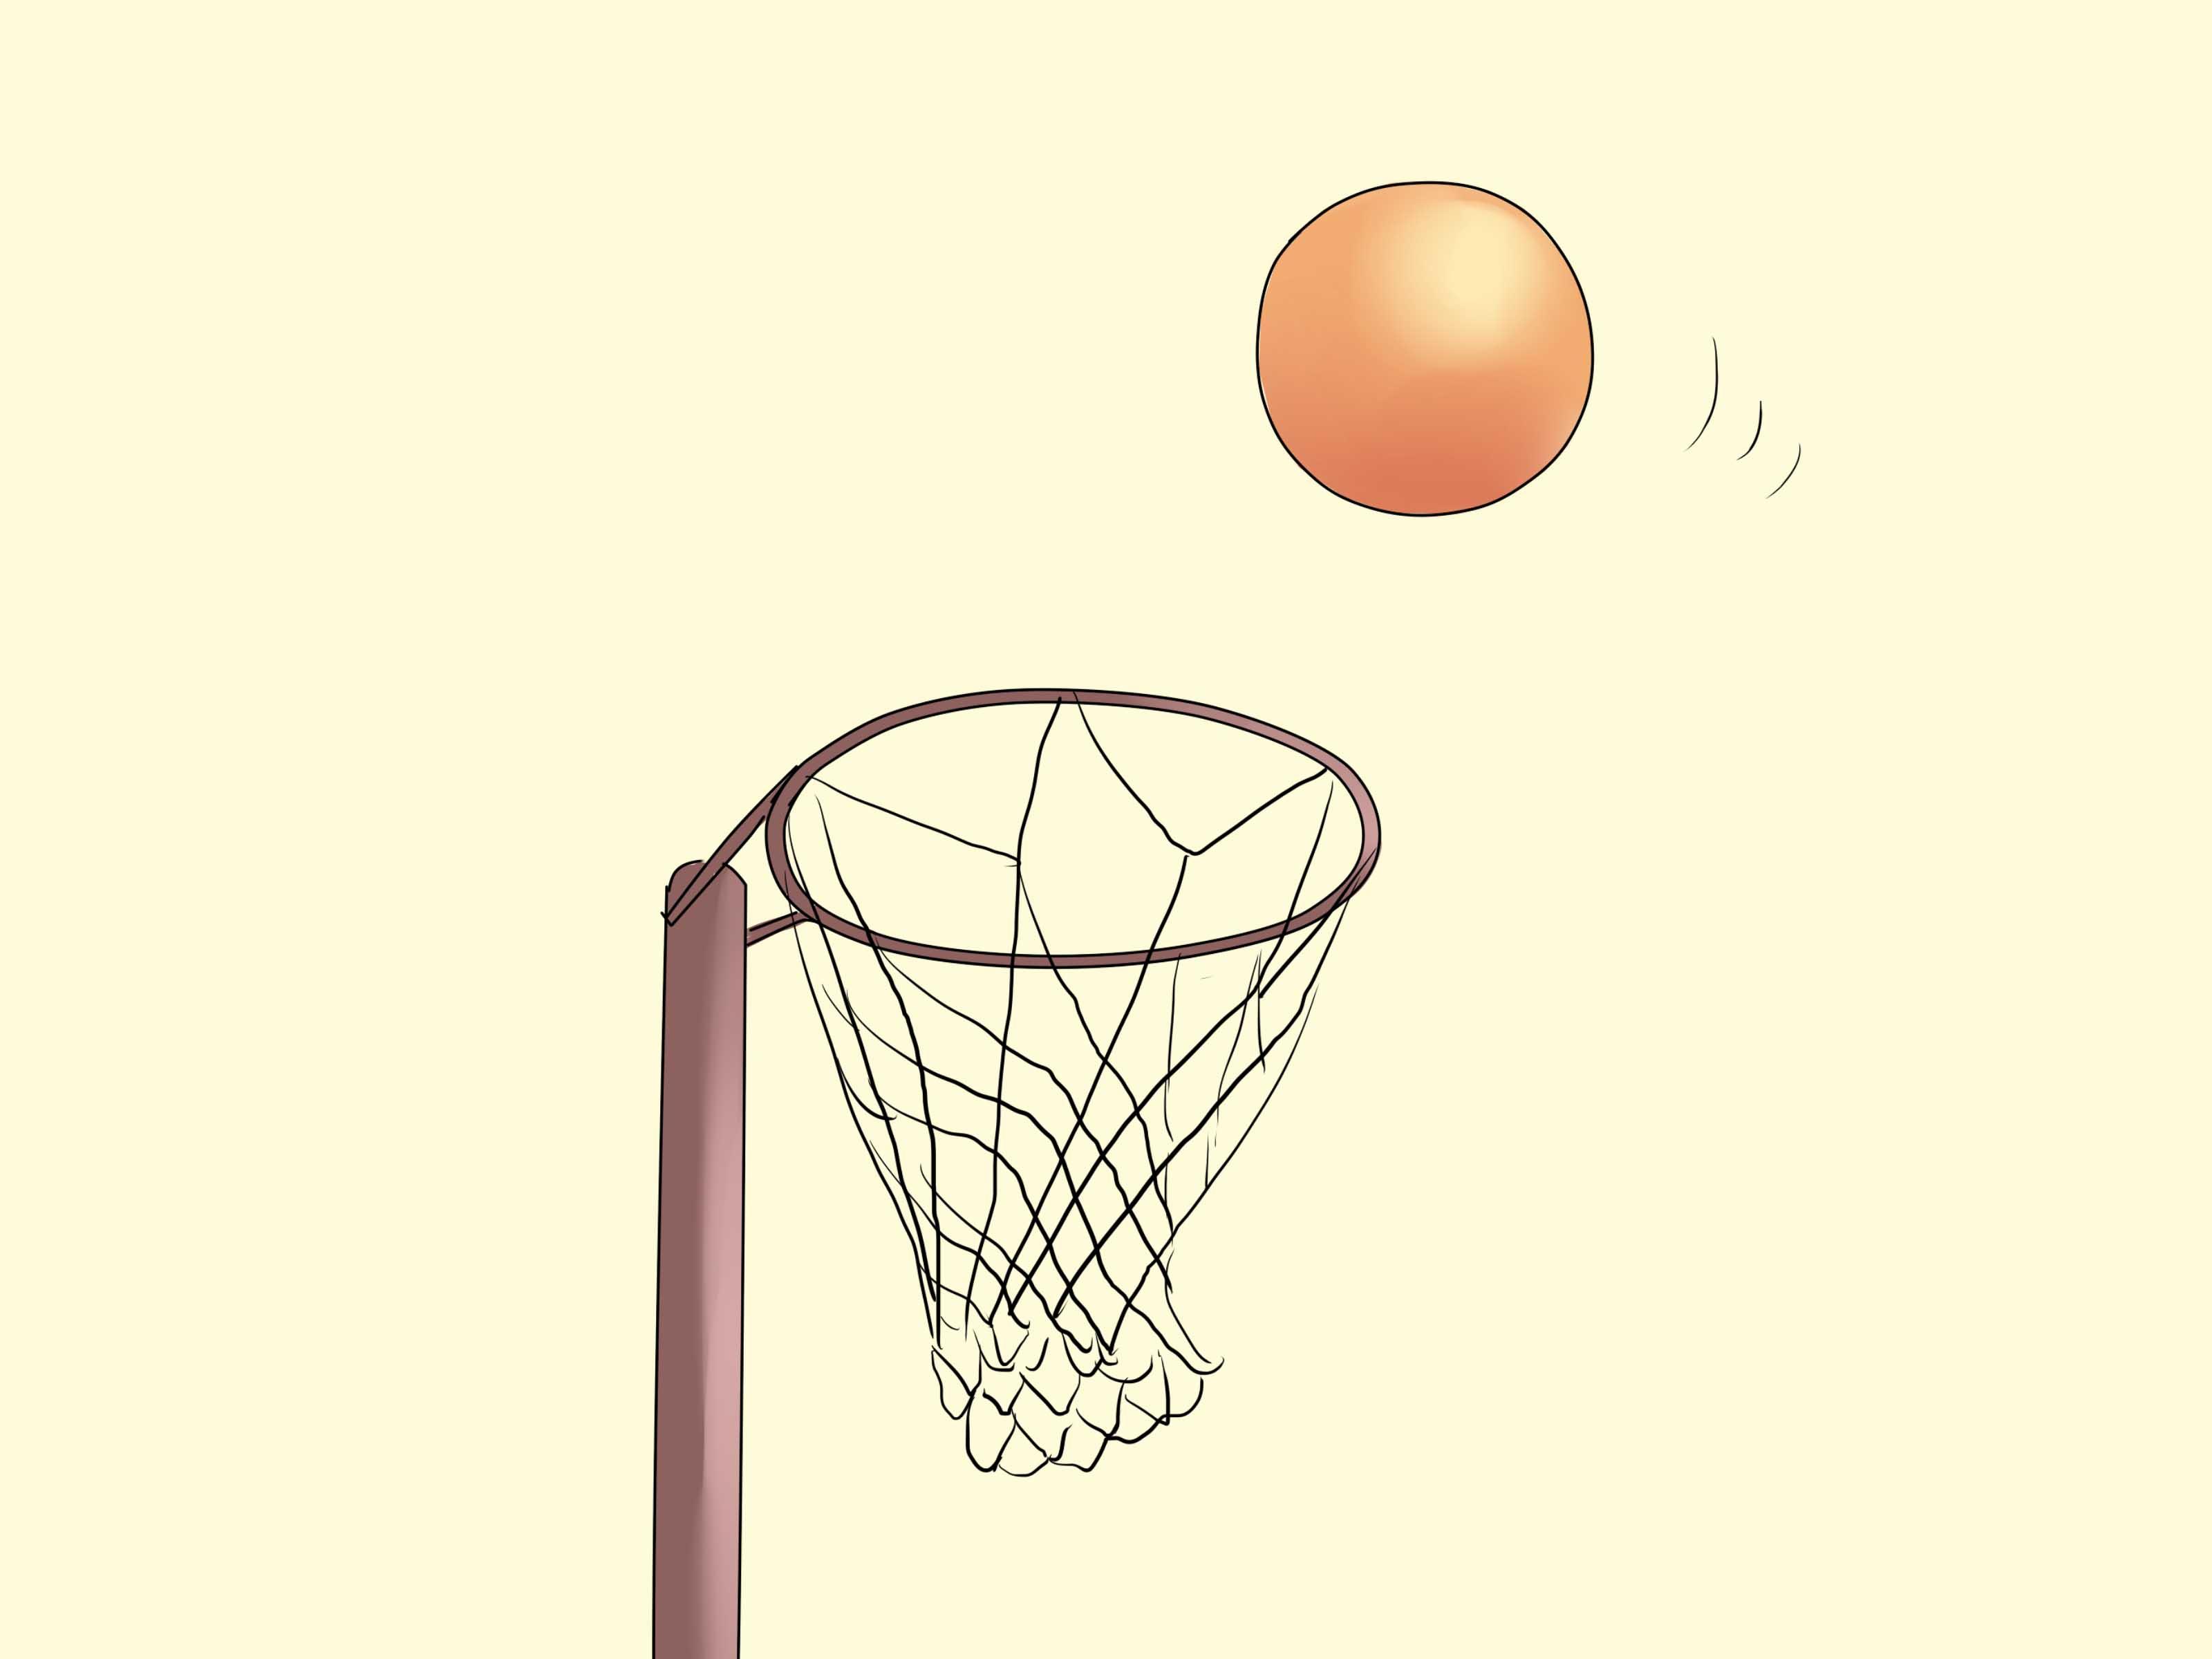 Netball court clipart.